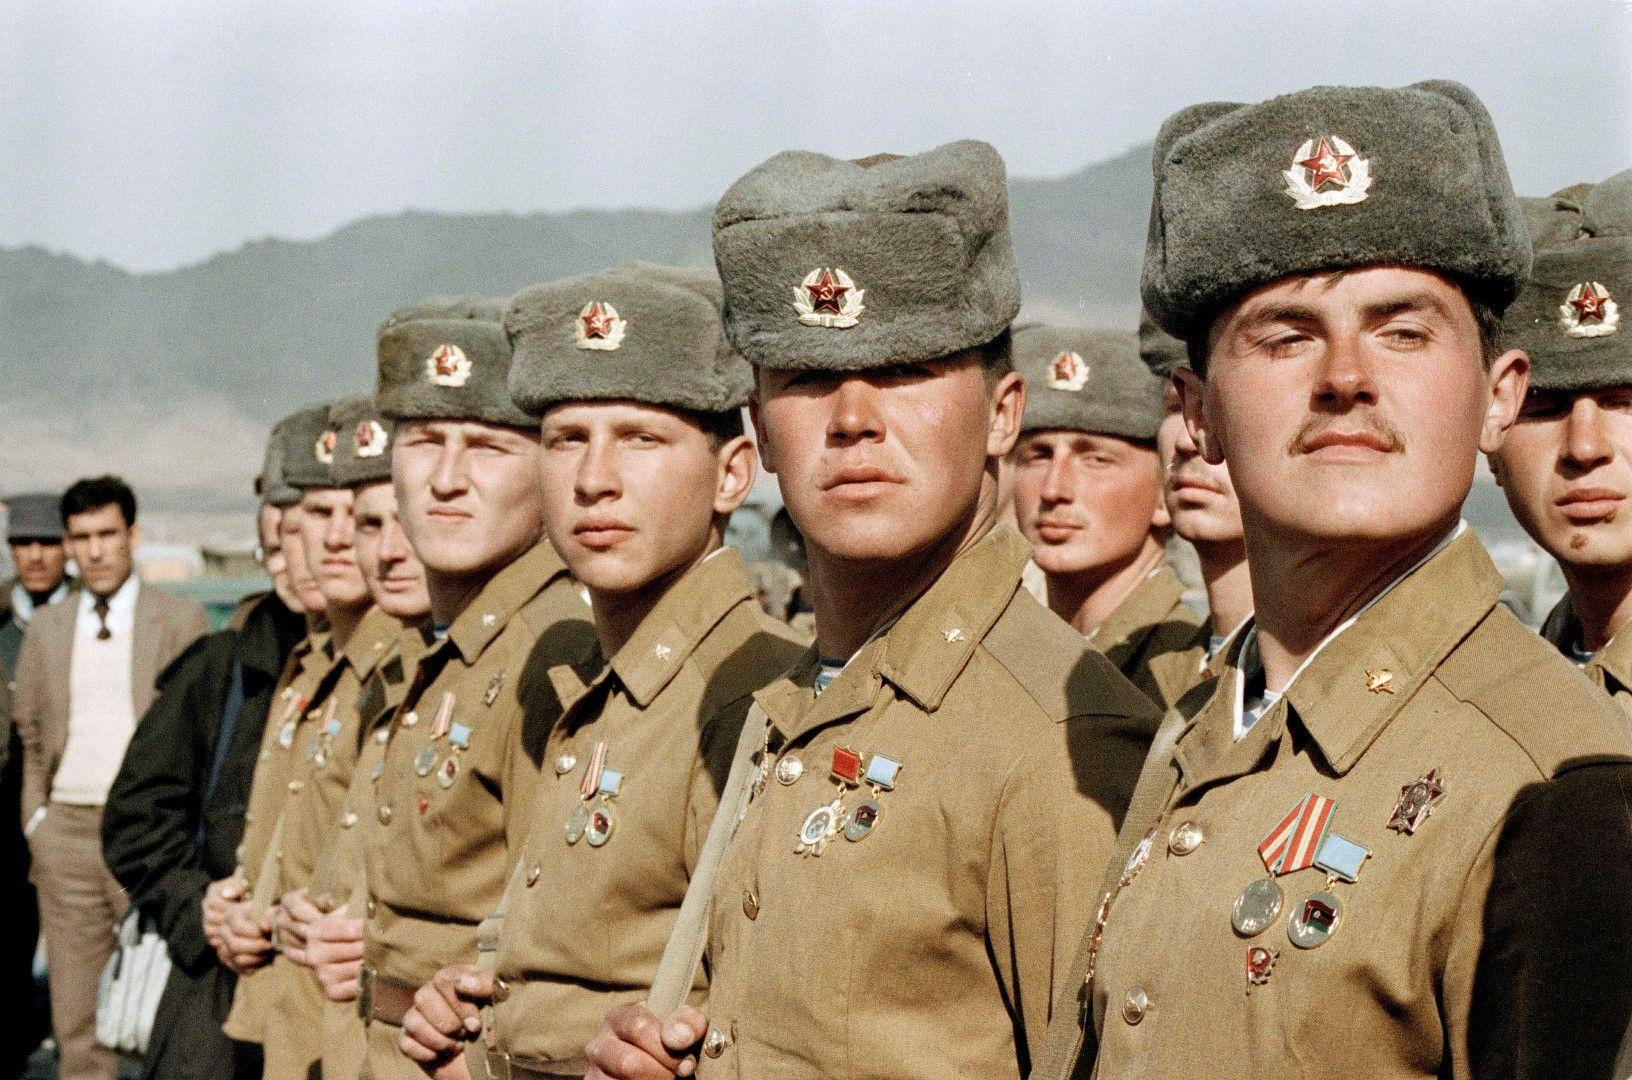 Съветски войници по време на парад в Кабул преди напускането на Афганистан, 13 февруари 1989 г.